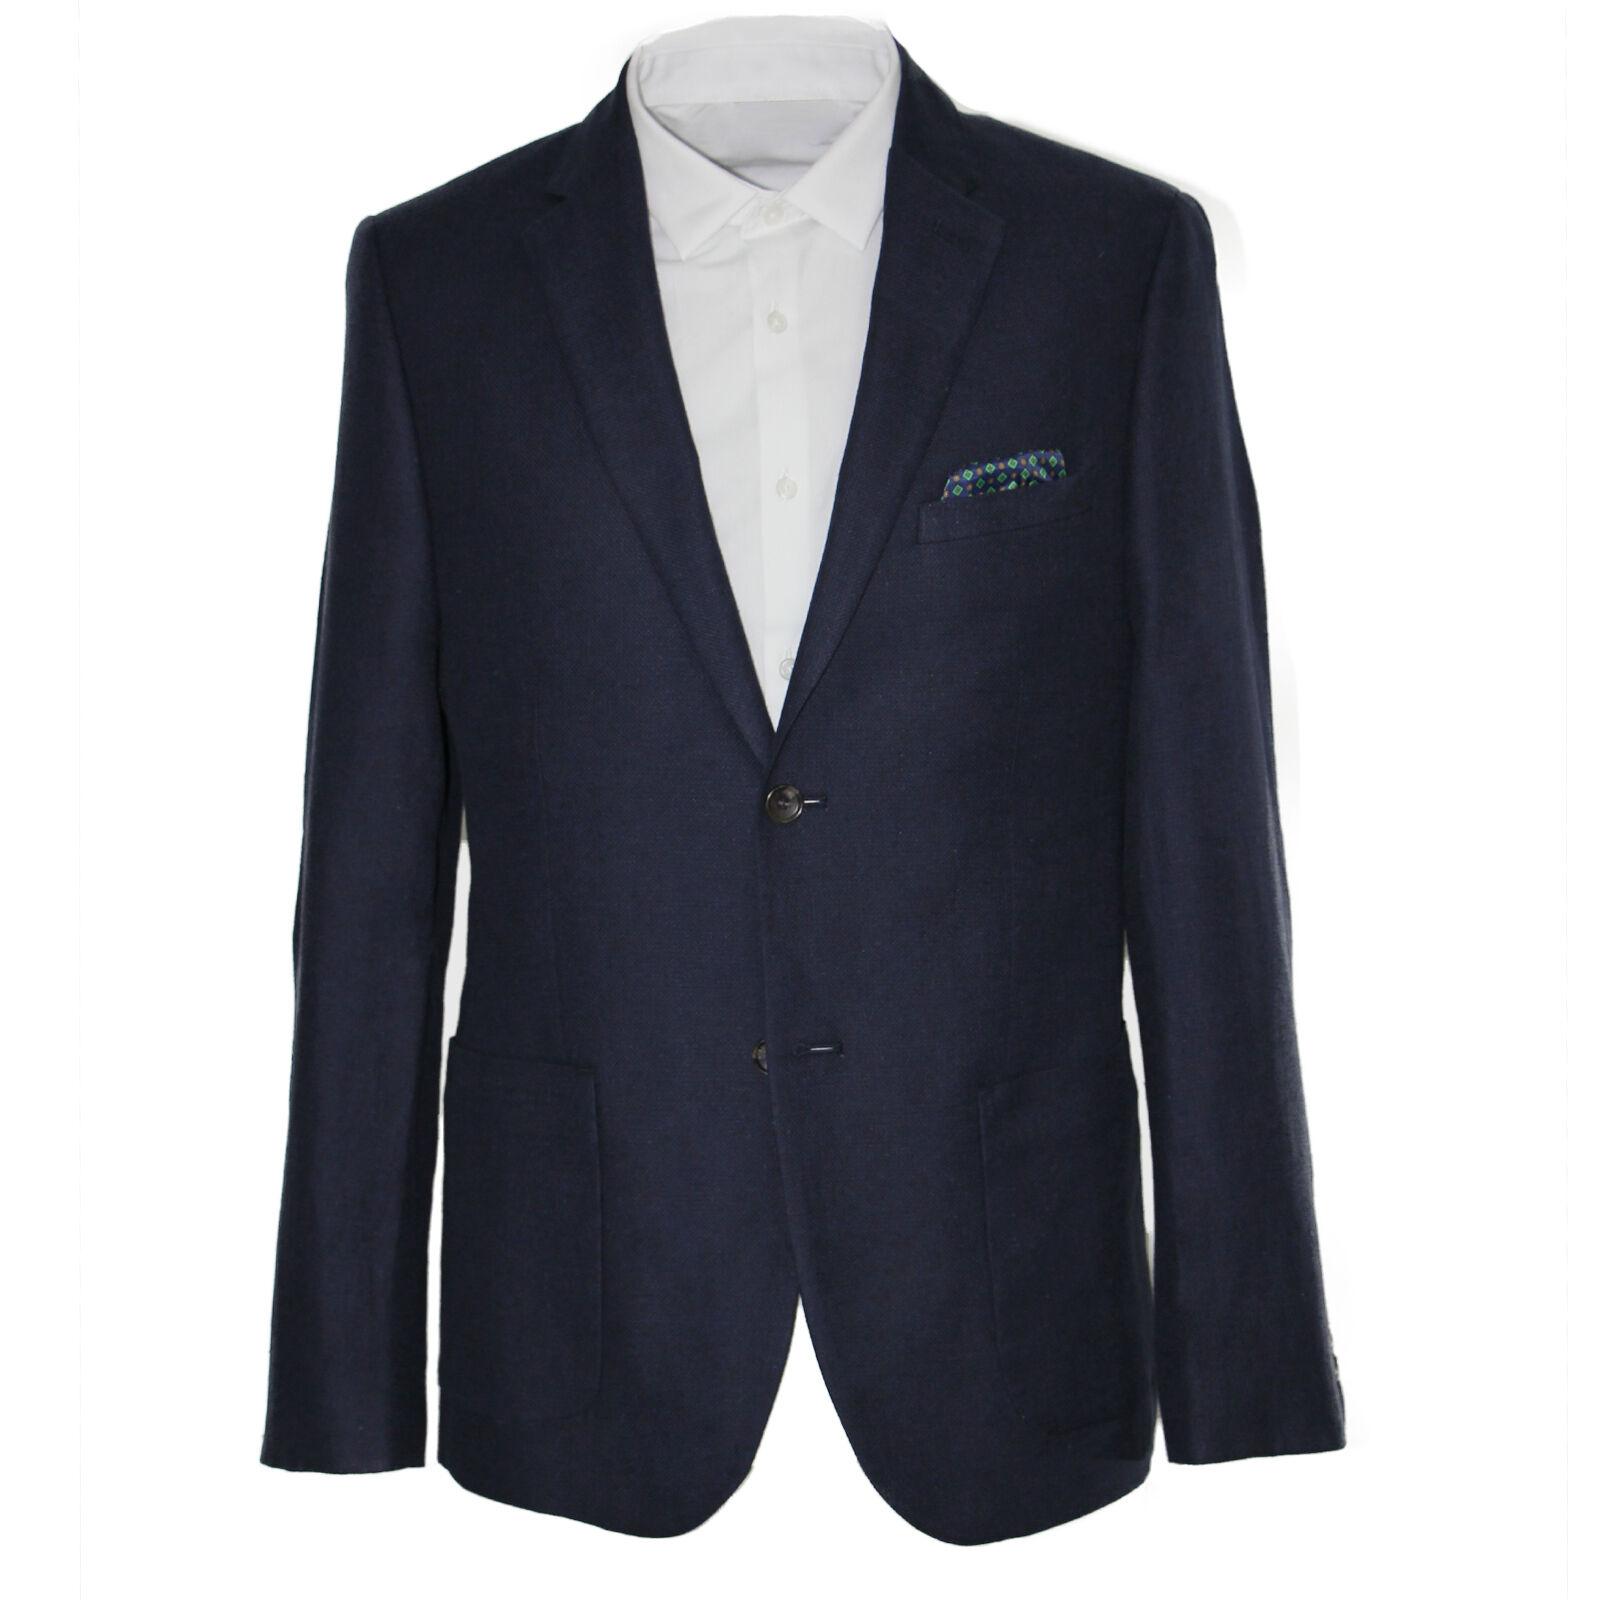 Harry Braun Linen Cotton Classic Fit Blazer in Navy 540300113